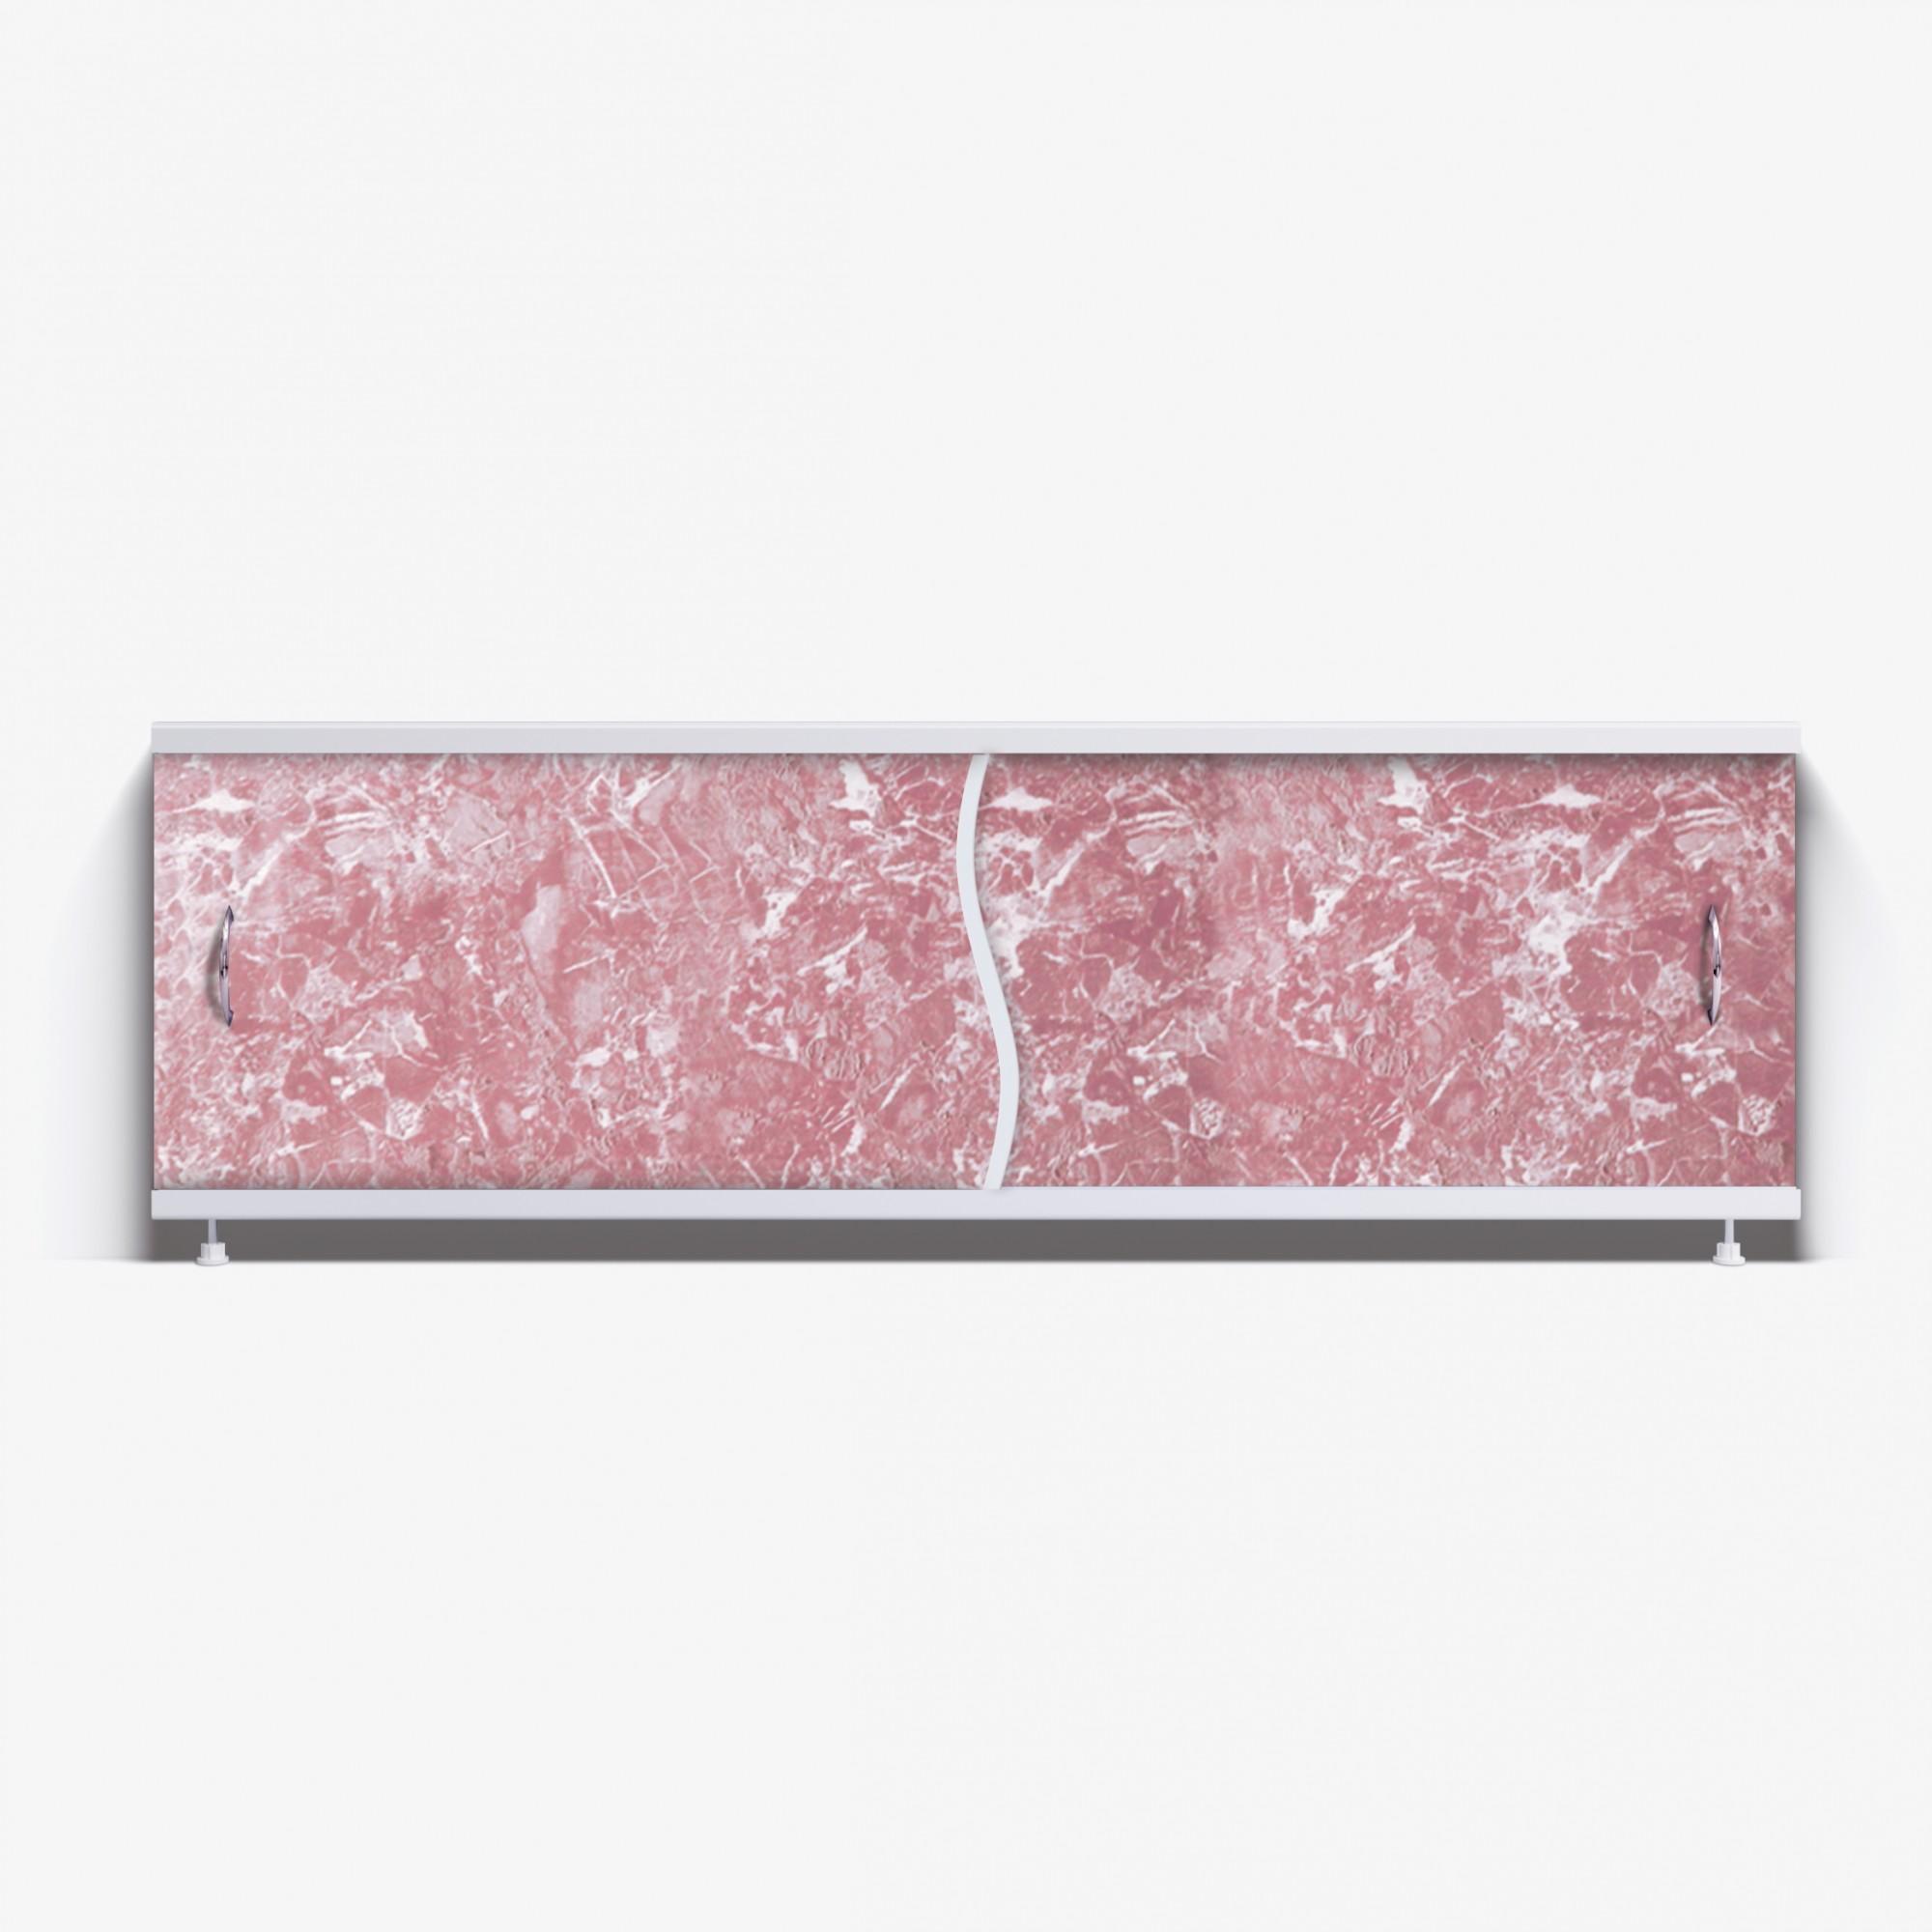 Экран под ванну Премьер 170 темно-коричневый мрамор